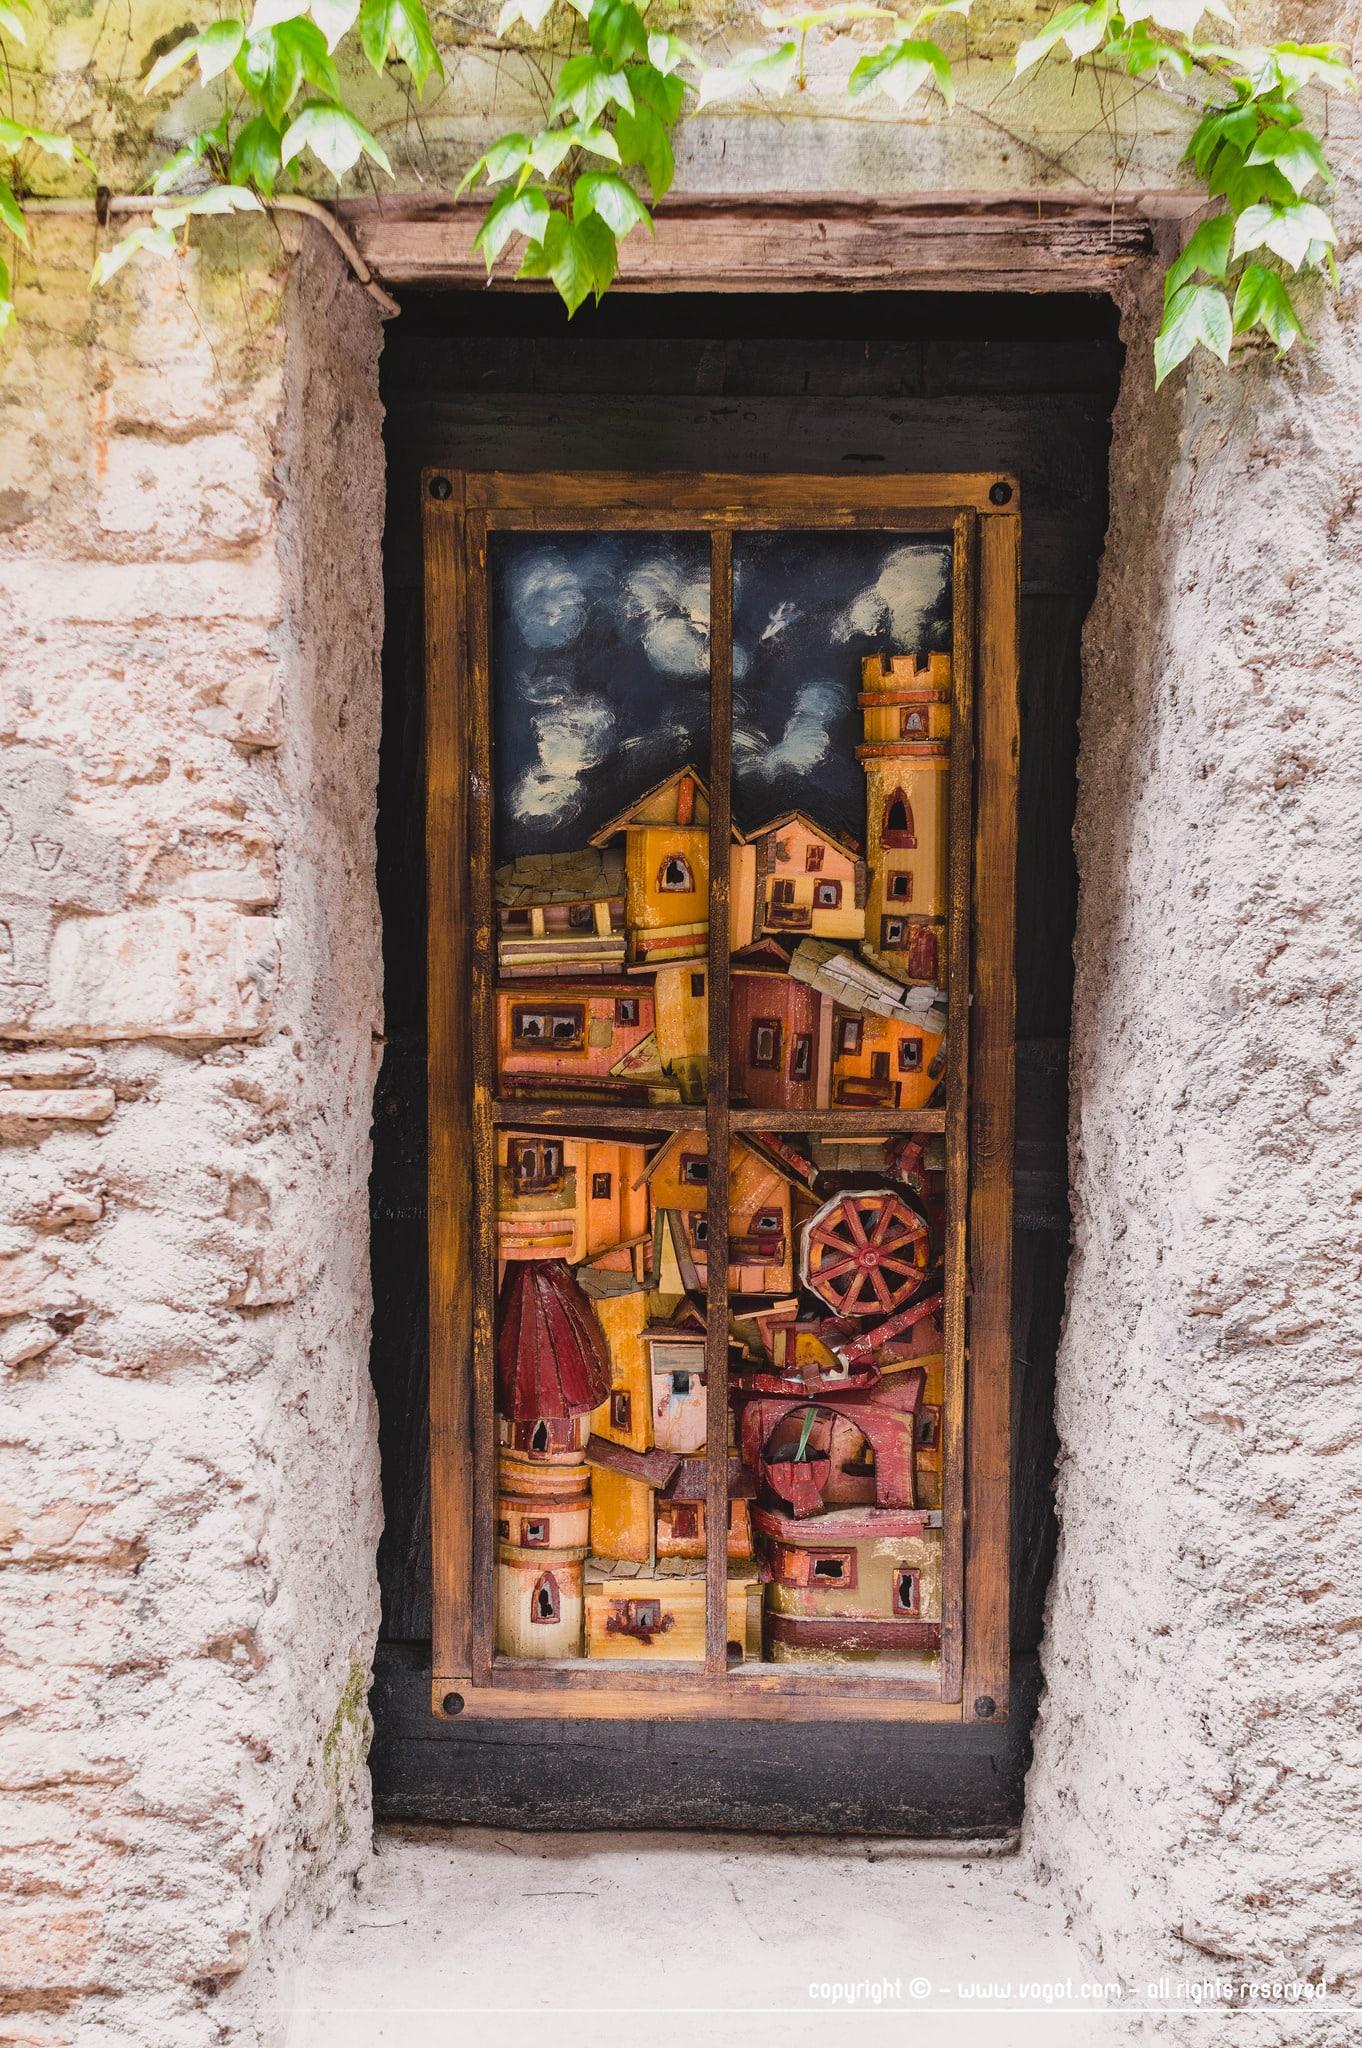 Visiter Dolceacqua - une porte sculptée à l'image du village